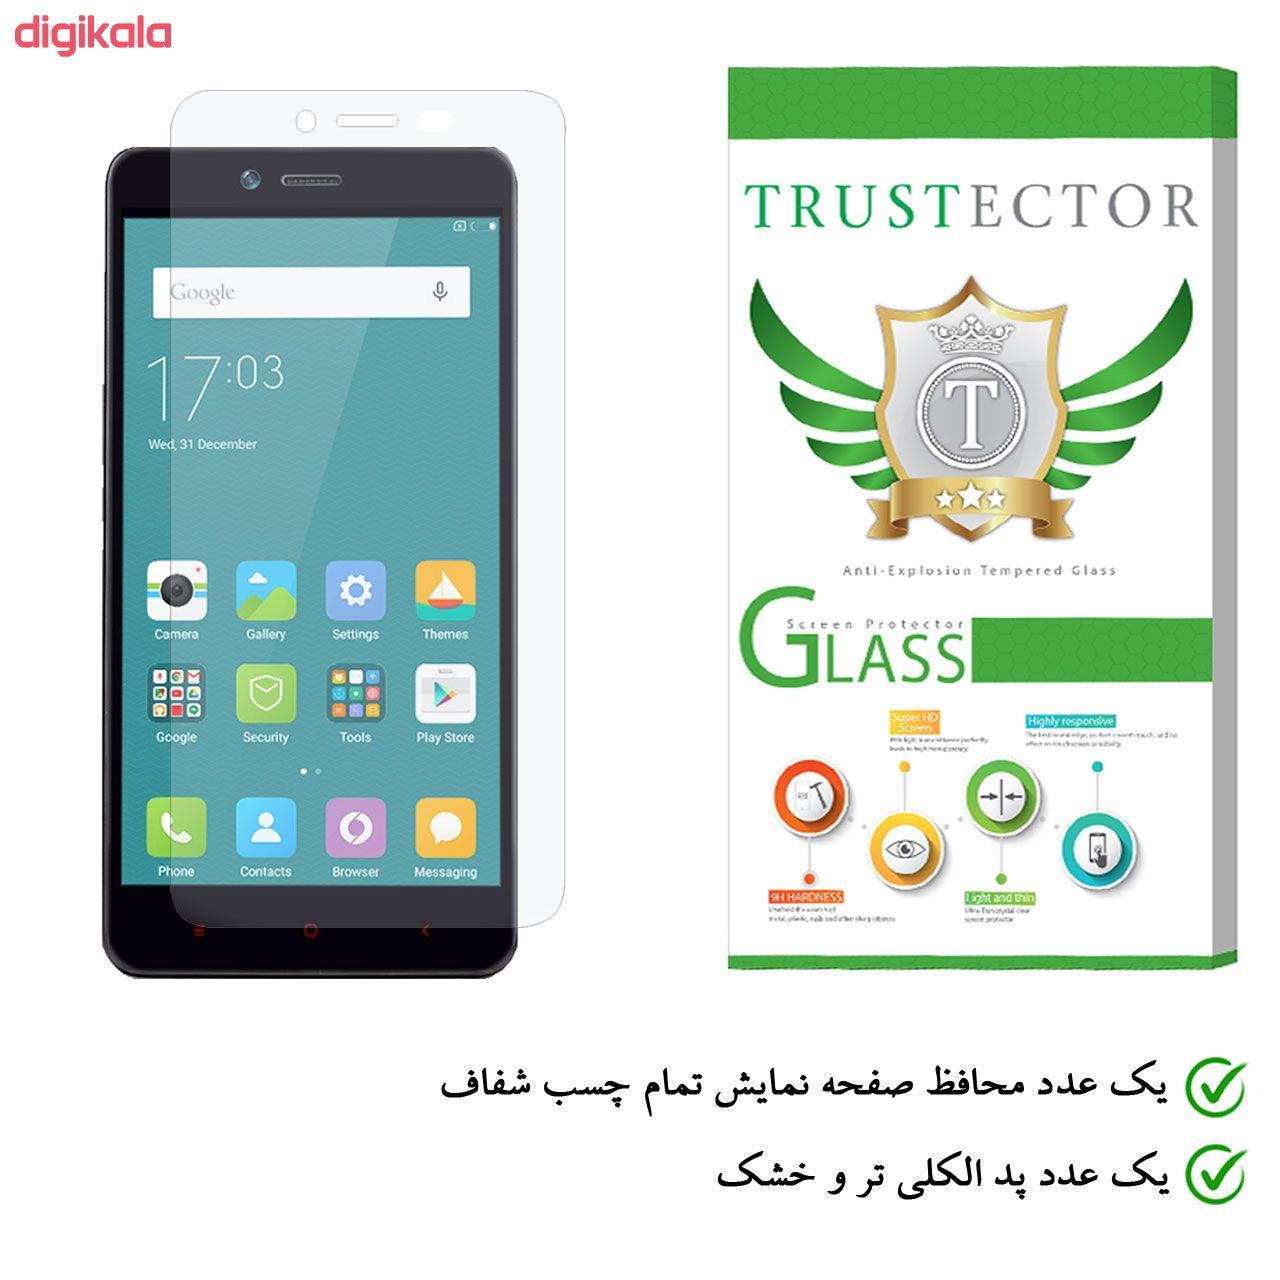 محافظ صفحه نمایش تراستکتور مدل GLS مناسب برای گوشی موبایل شیائومی Redmi Note 2 / Redmi Note 2 Prime main 1 1